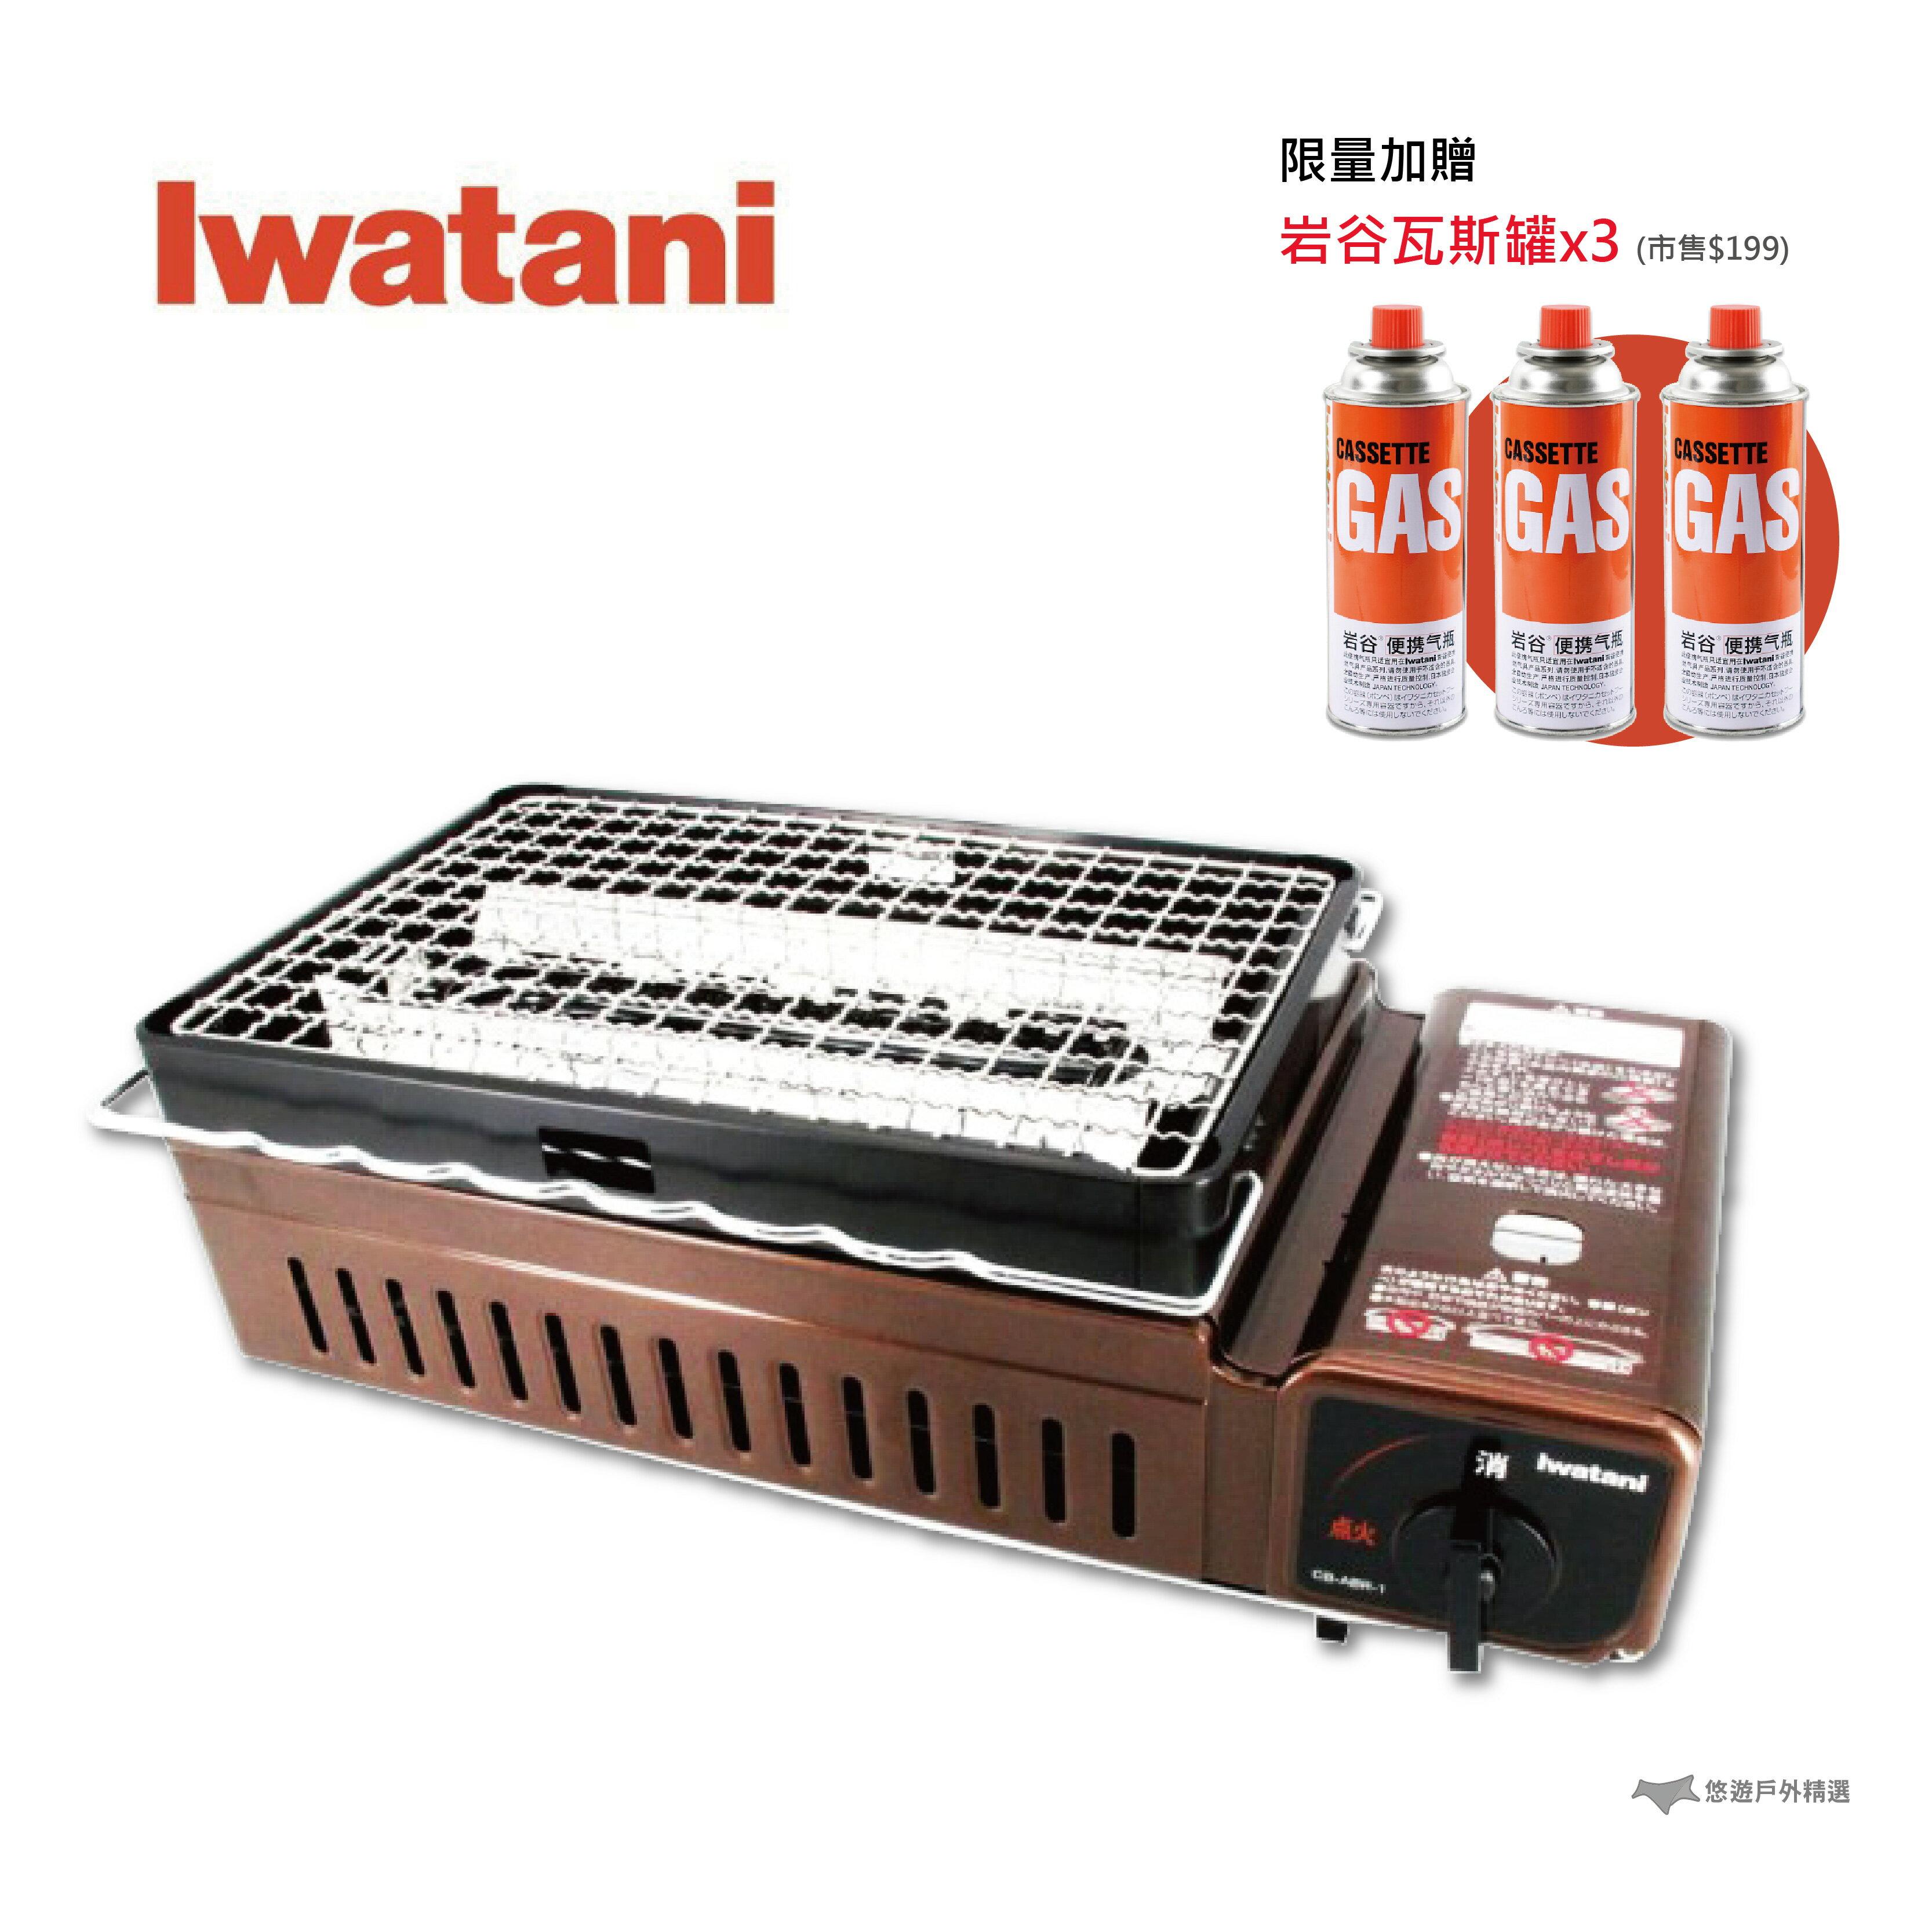 【贈岩谷瓦斯罐】IWATANI 日本岩谷 烤爐大將 燒鳥 卡式瓦斯烤肉爐(日本製)  CB-ABR-1 0